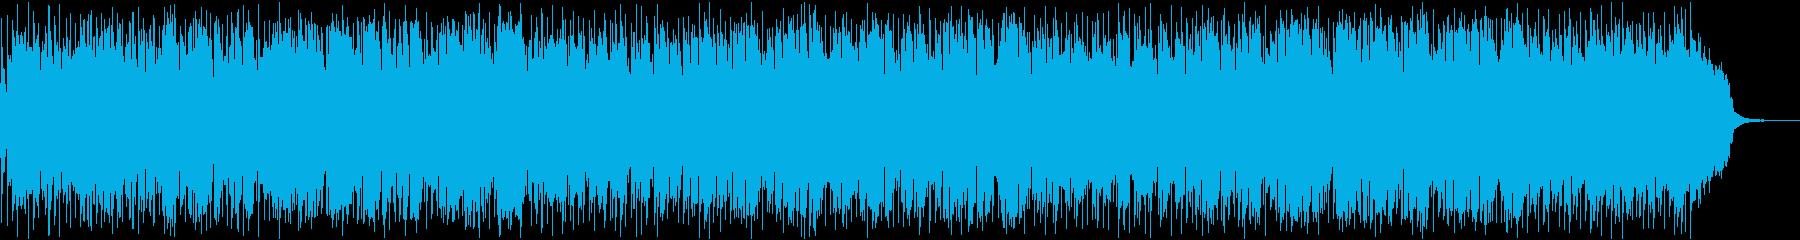 日常/爽やか/軽快/ほのぼの/BGMの再生済みの波形